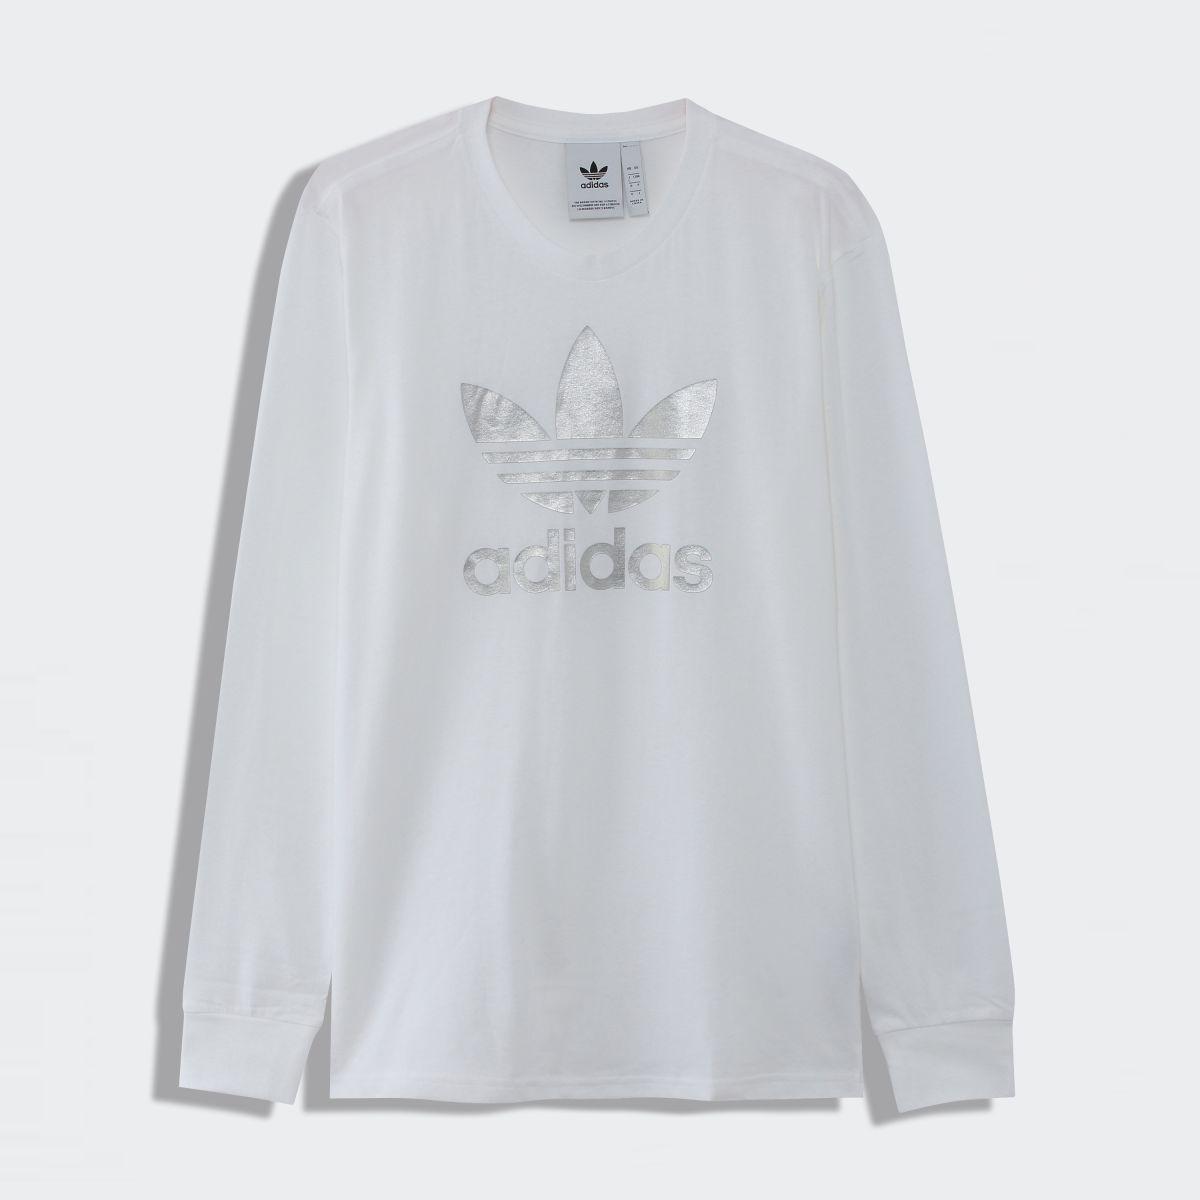 【公式】アディダス adidas トレフォイル ロゴ 長袖Tシャツ メンズ オリジナルス ウェア トップス Tシャツ GJ9808